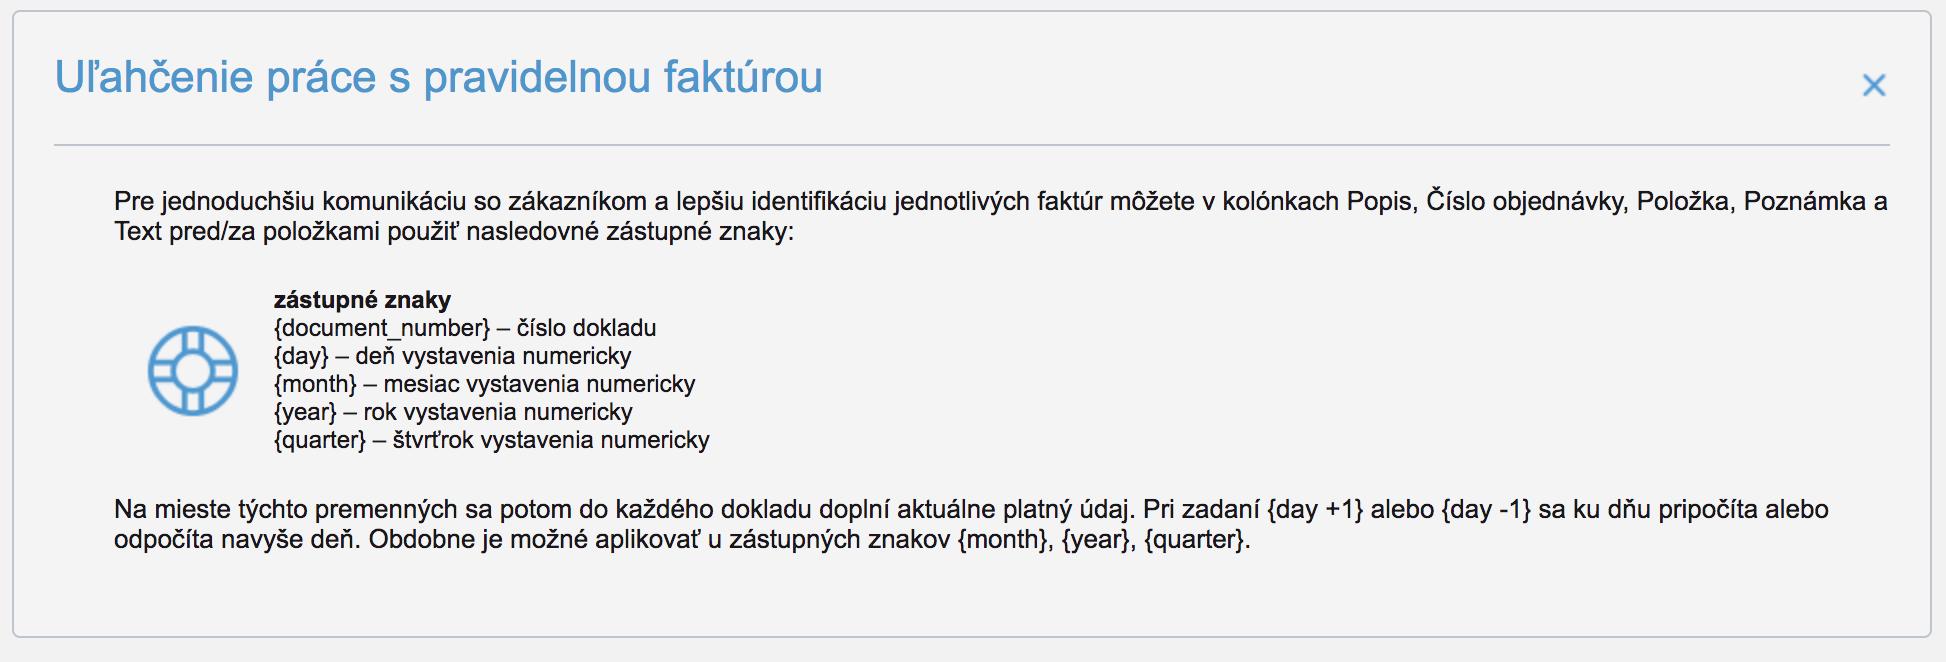 iDoklad_SK_Pravidelne_faktury_05 (1)